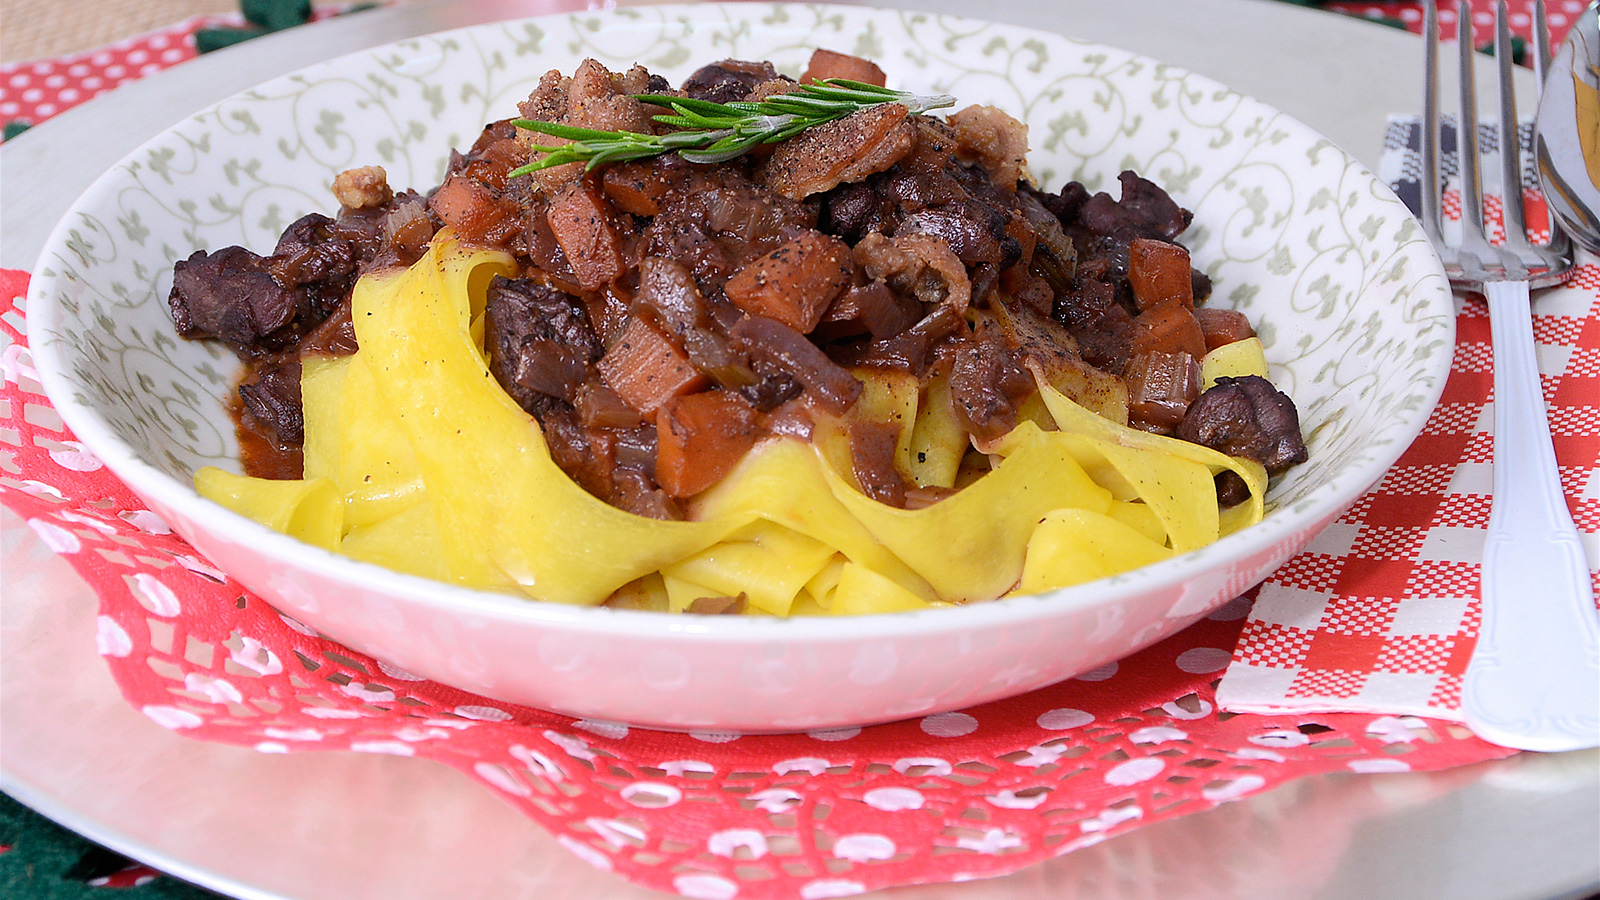 Pappardelle con pato guisado samantha vallejo n gera for Programas de cocina en espana